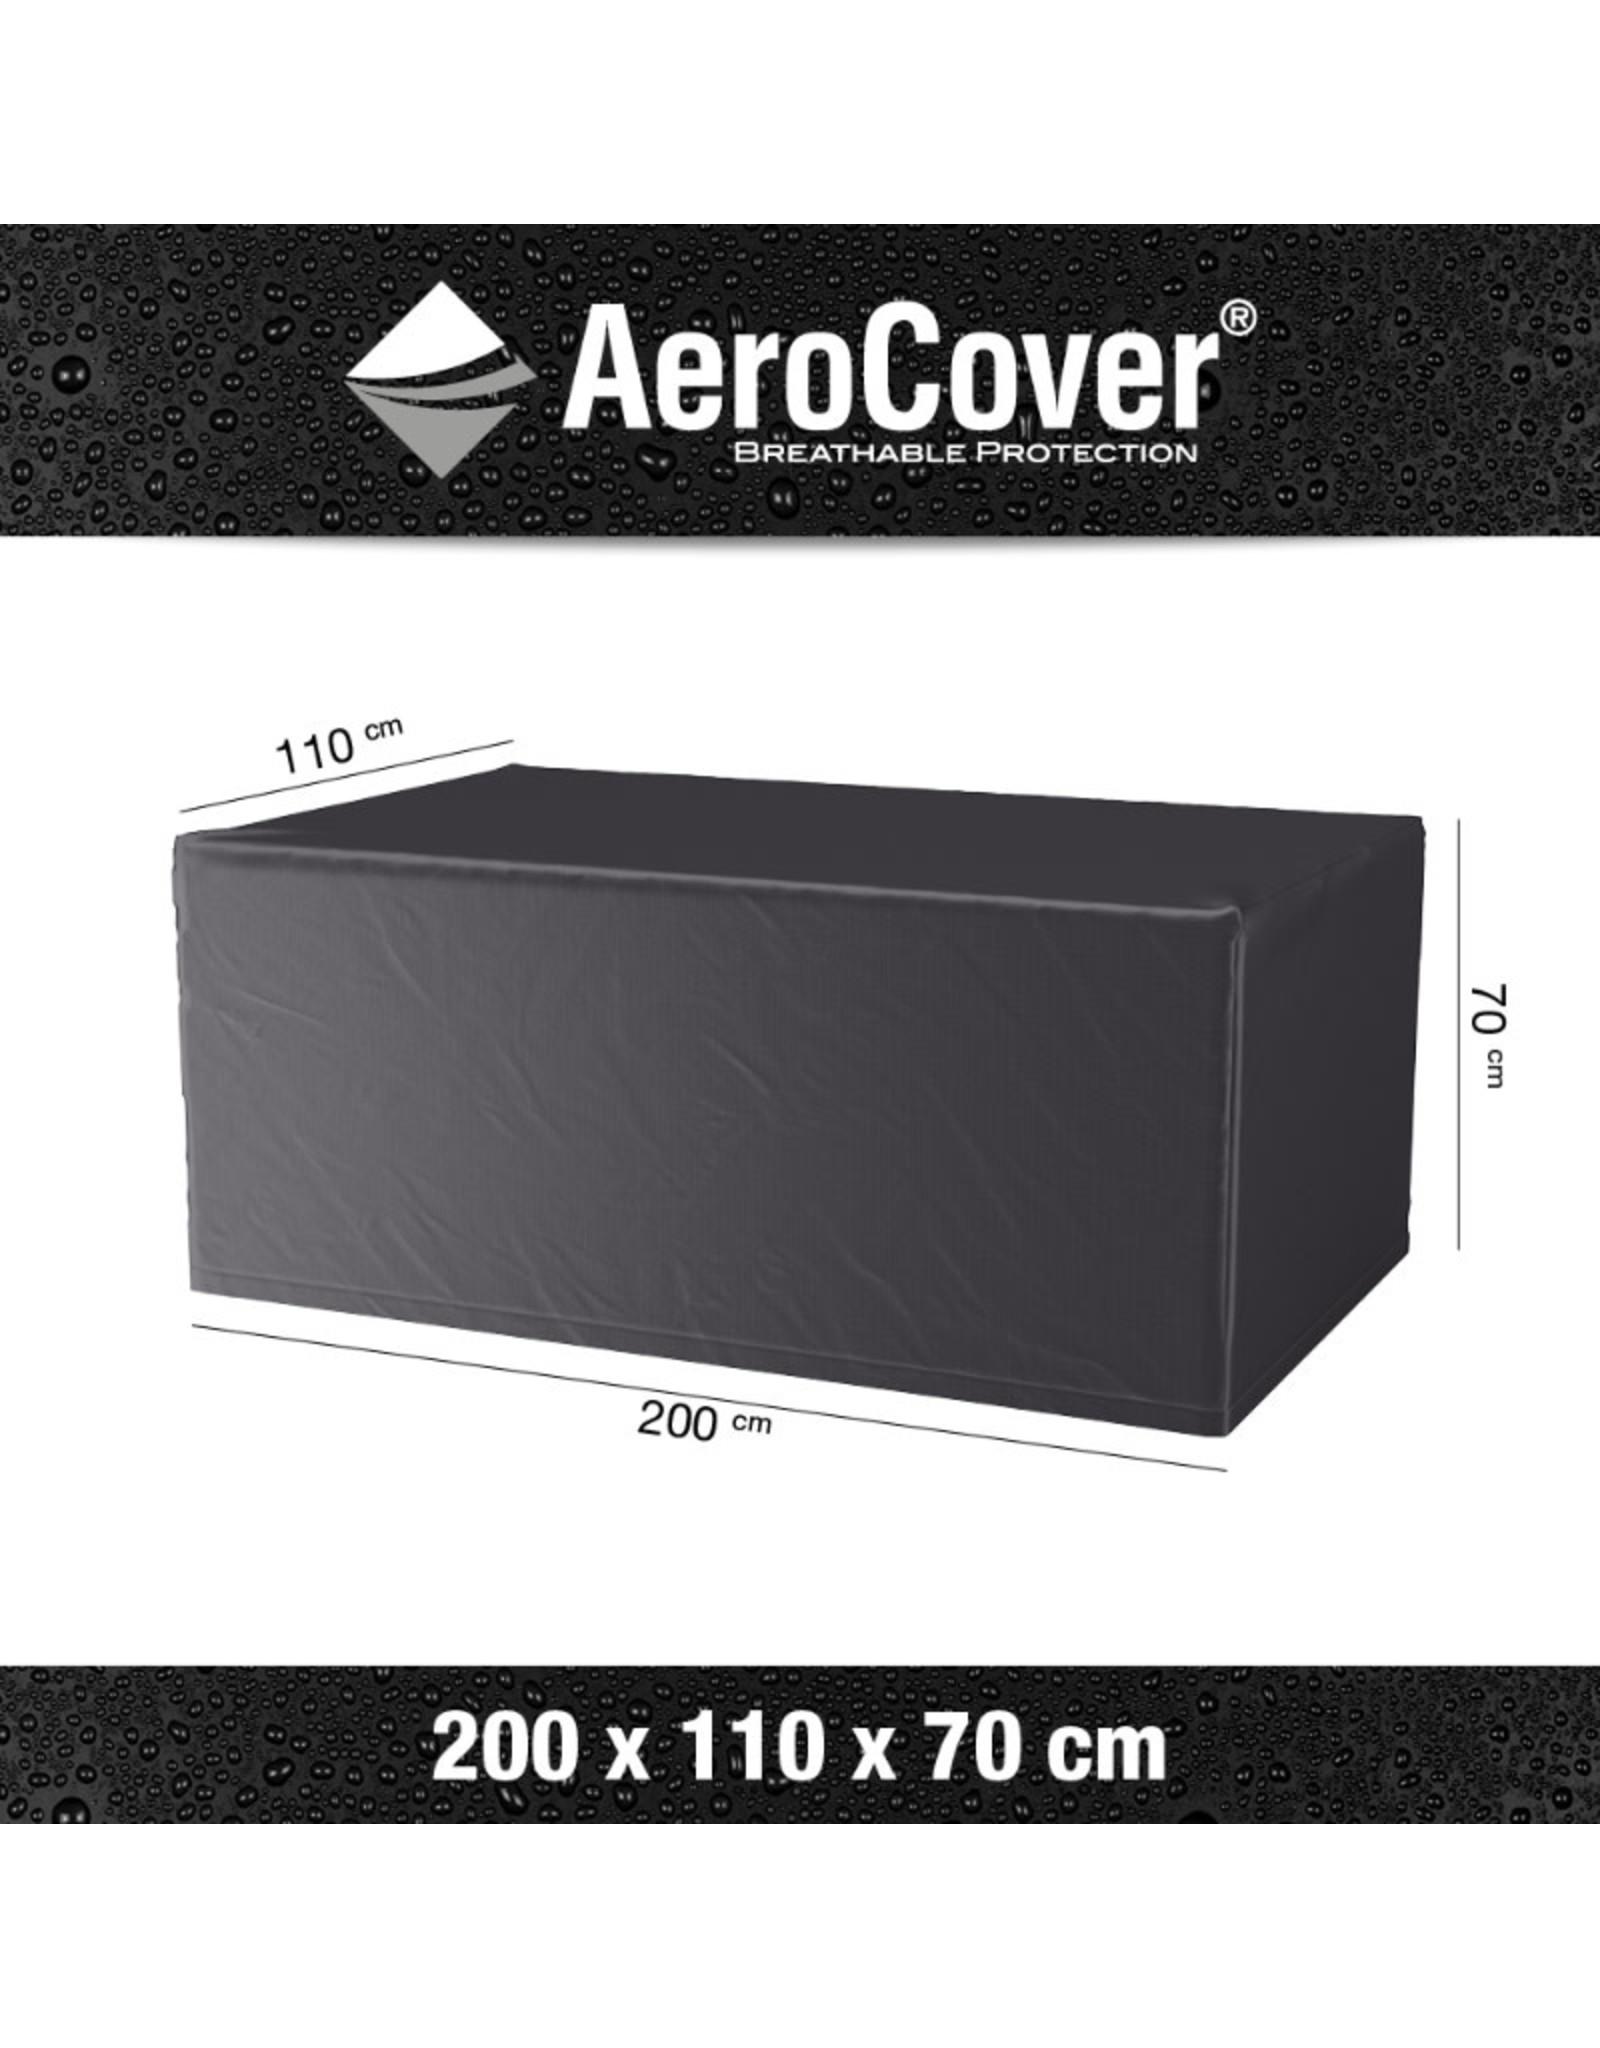 Aerocover AeroCover Tuintafelhoes 200x110xH70